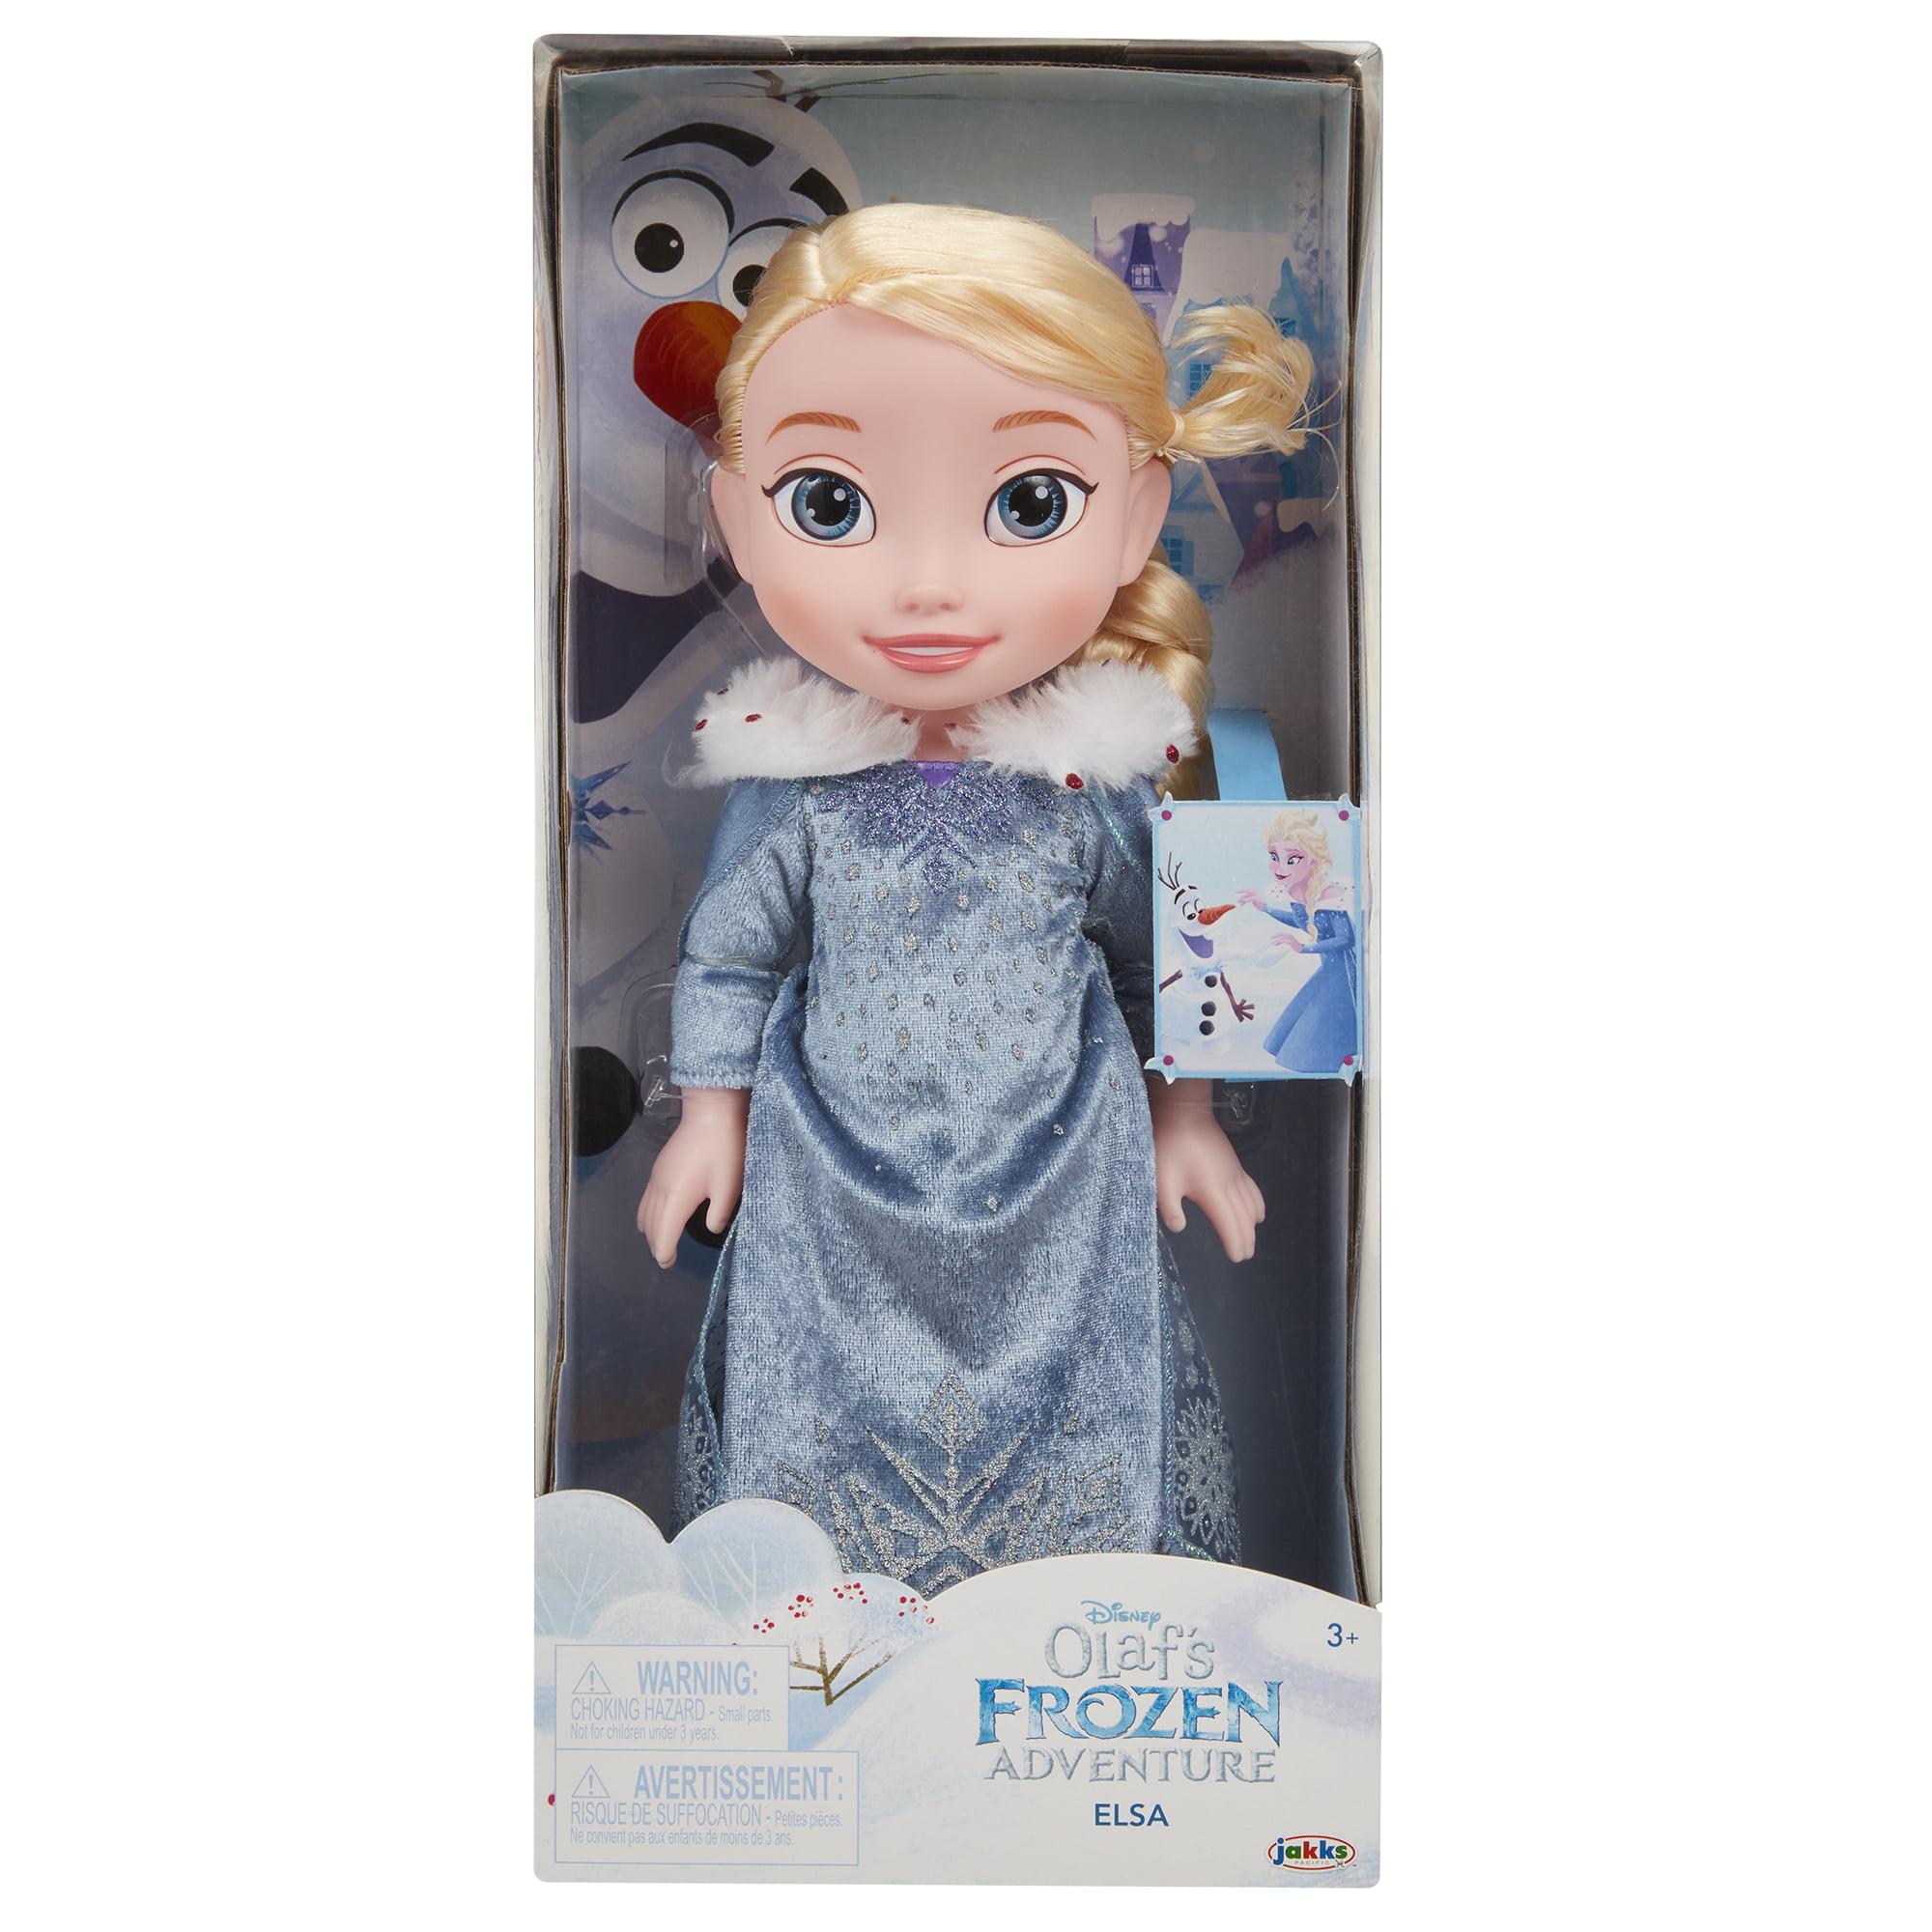 Disney Frozen Olafs Frozen Adventure Elsa Doll by Jakks Pacific